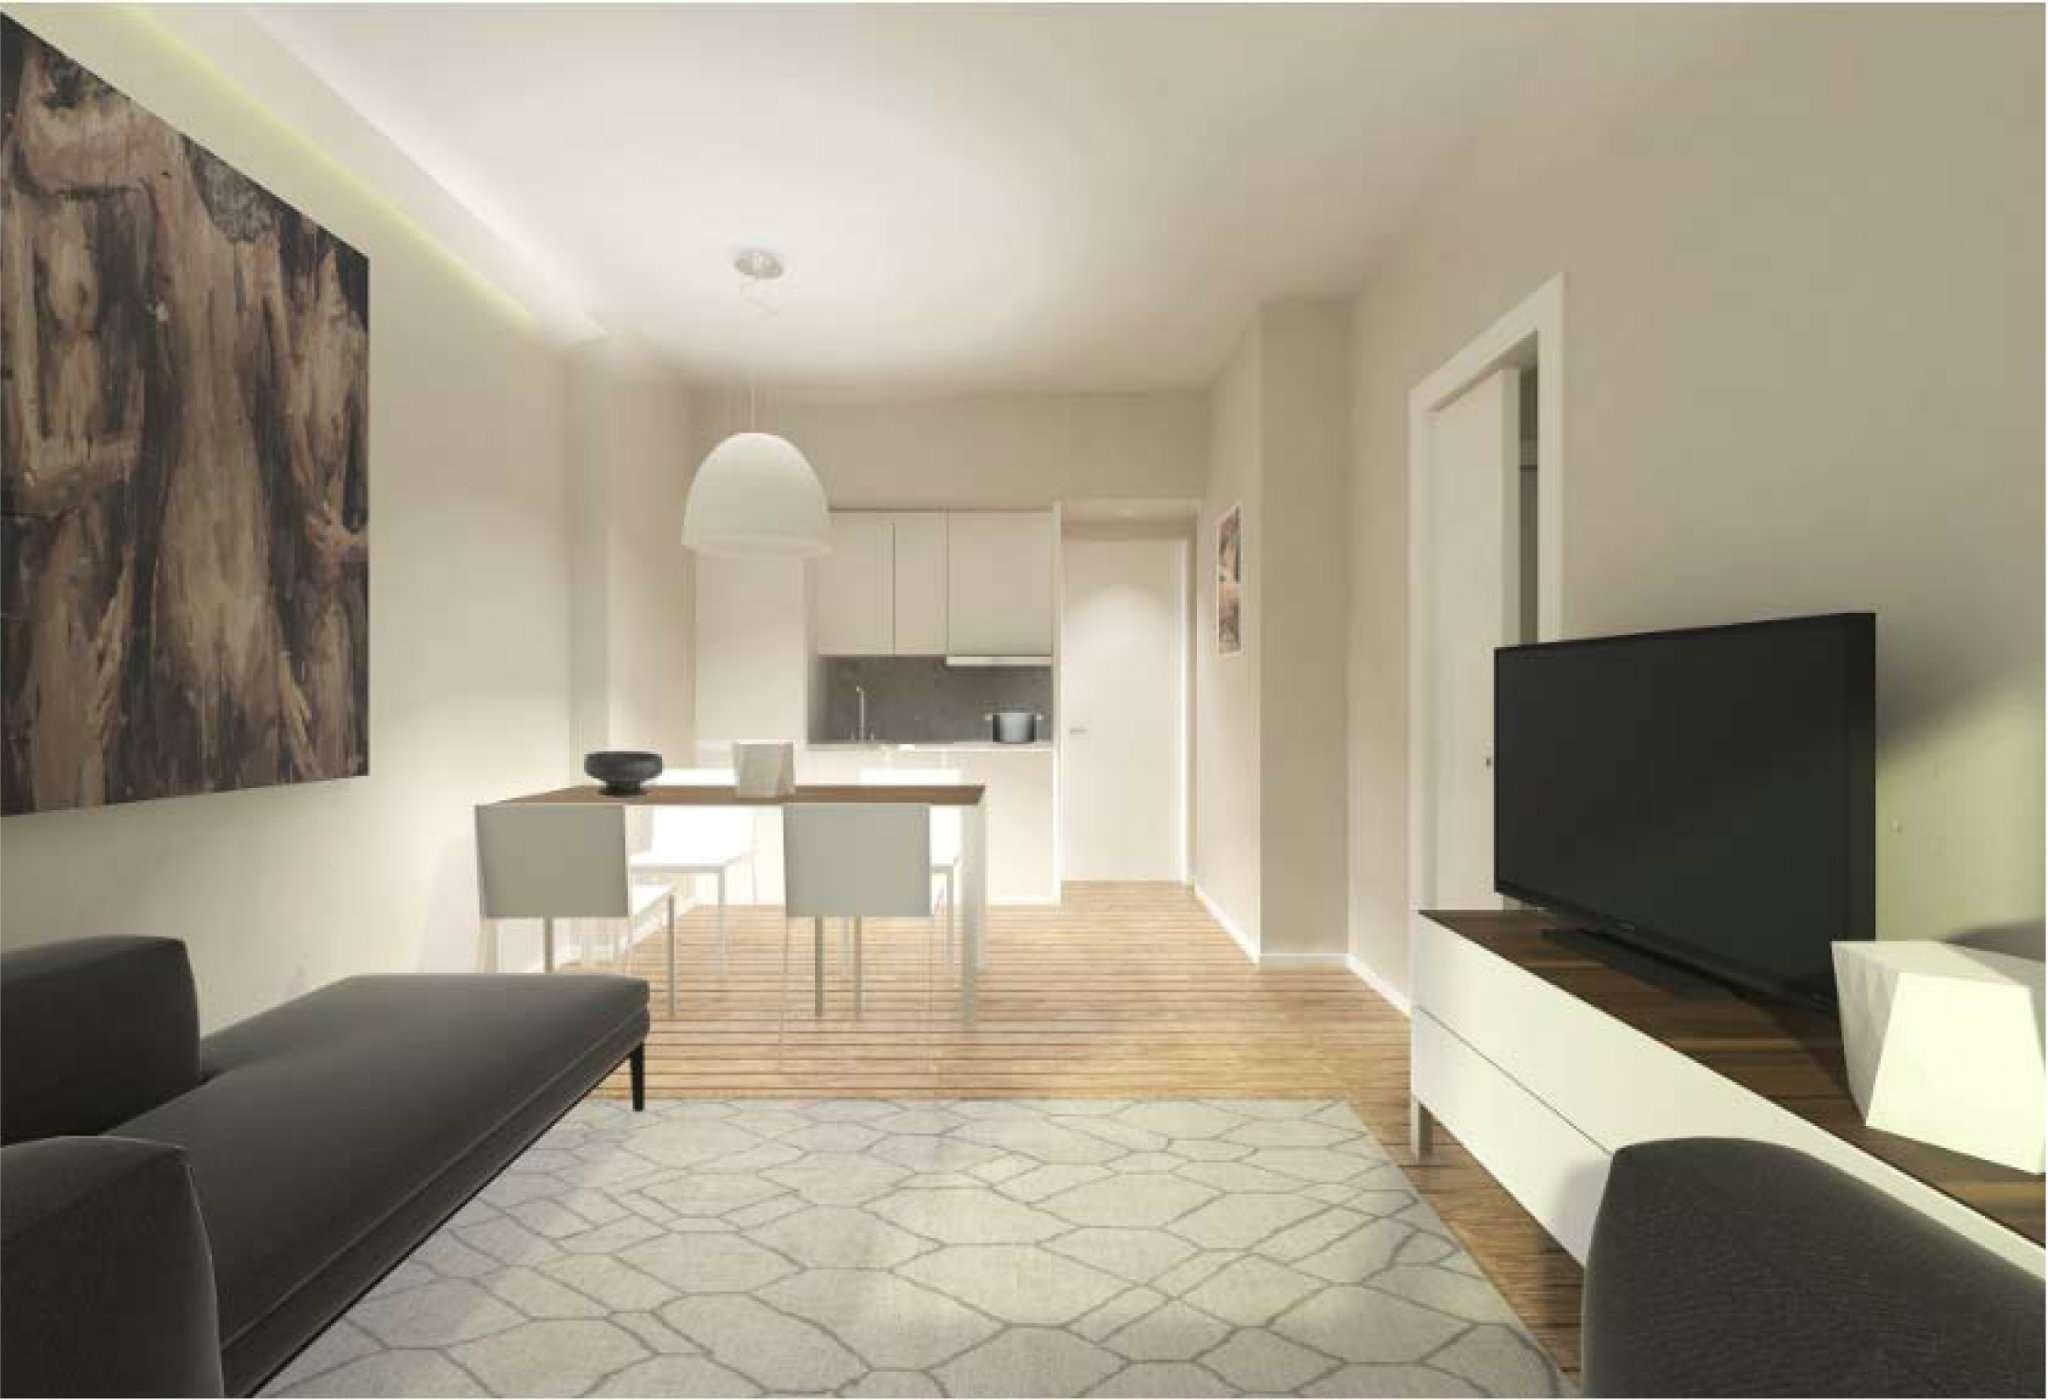 Annunci immobiliari di appartamenti con terrazzo a Milano Pag. 34 ...